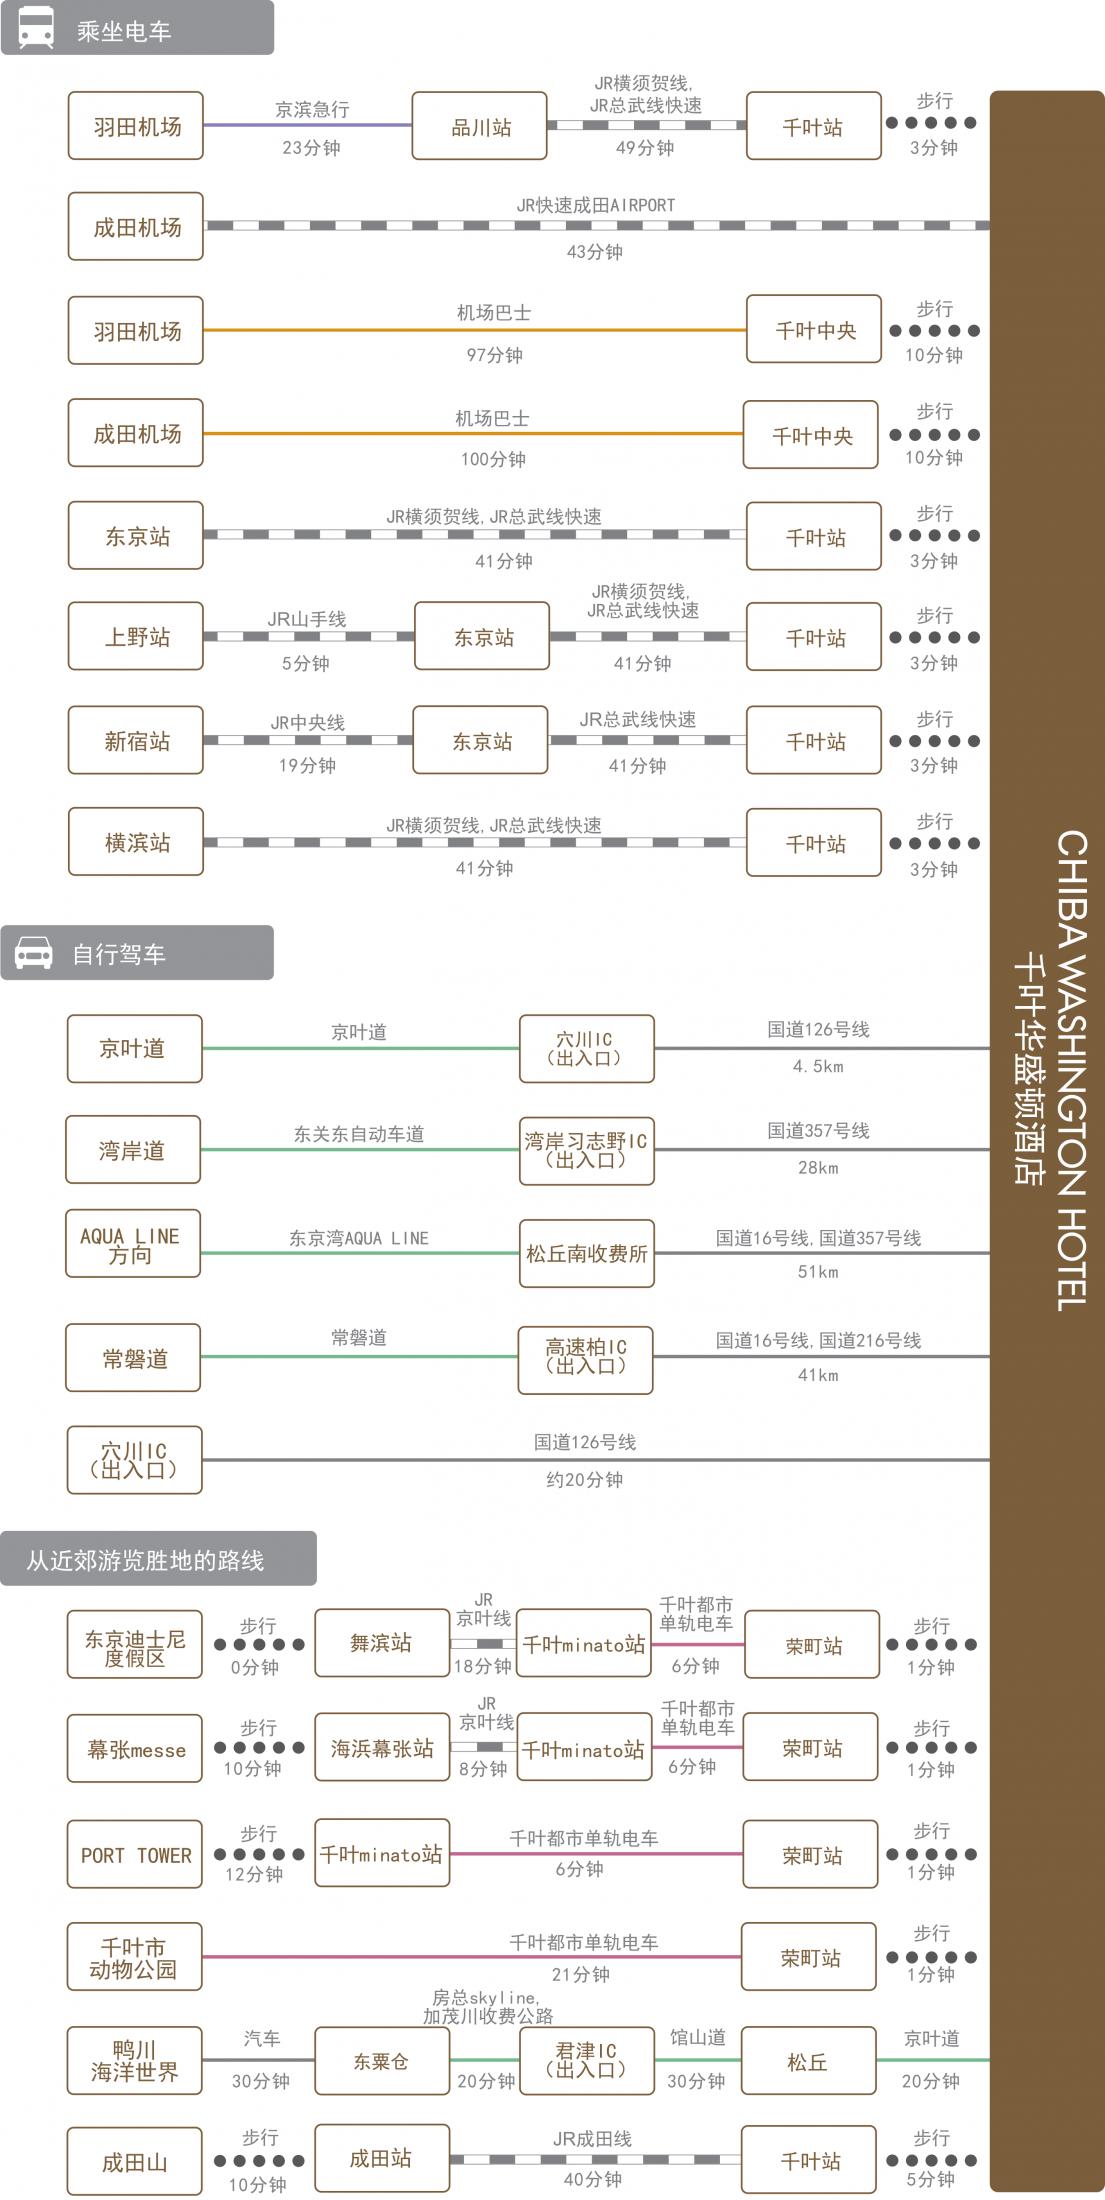 chart_zh_cn_chiba_wh